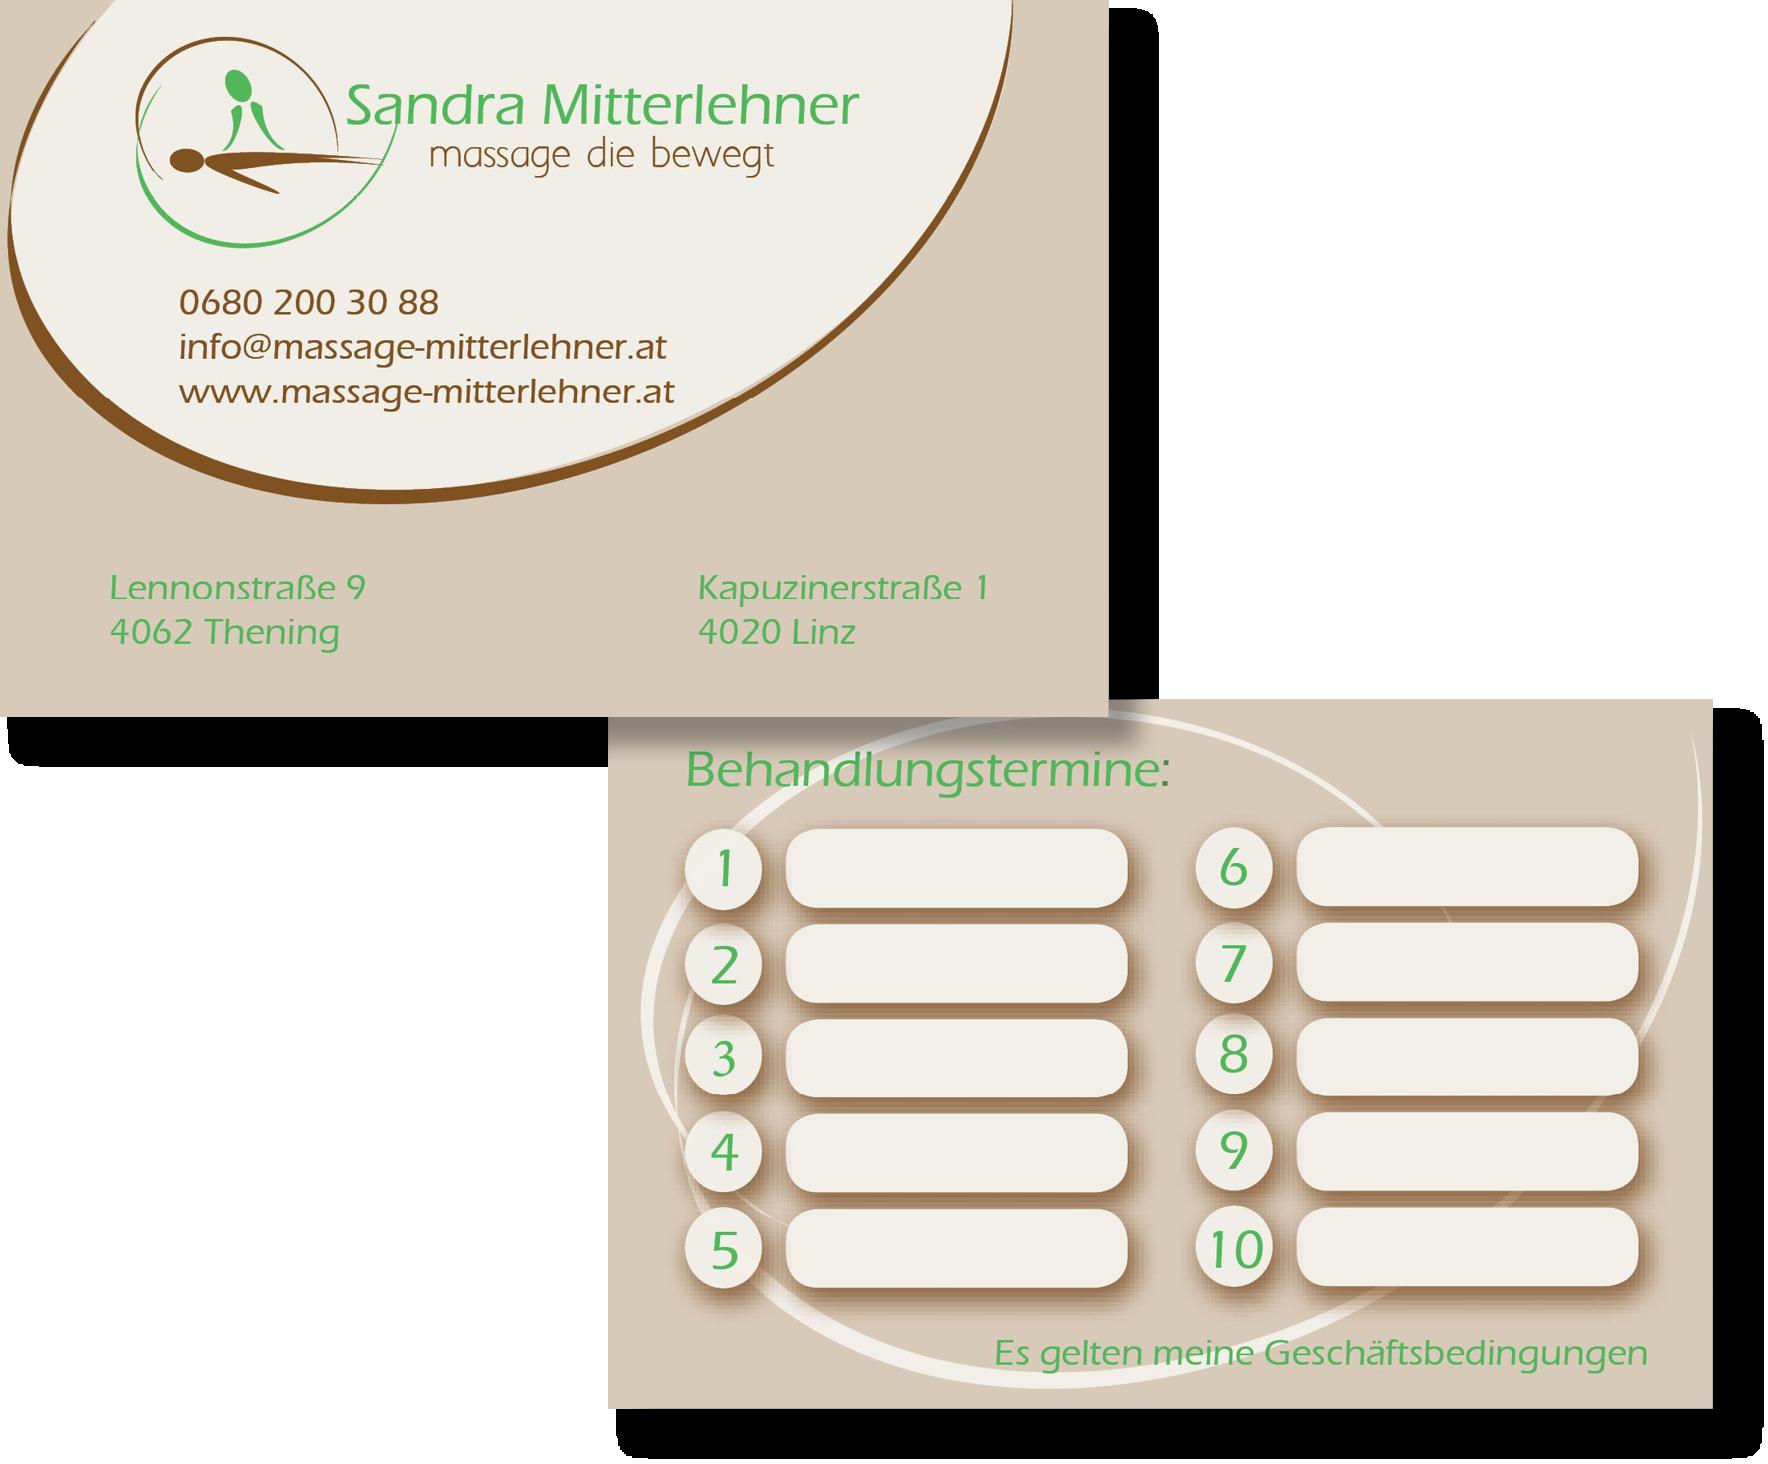 Visitenkarte Sandra Mitterlehner